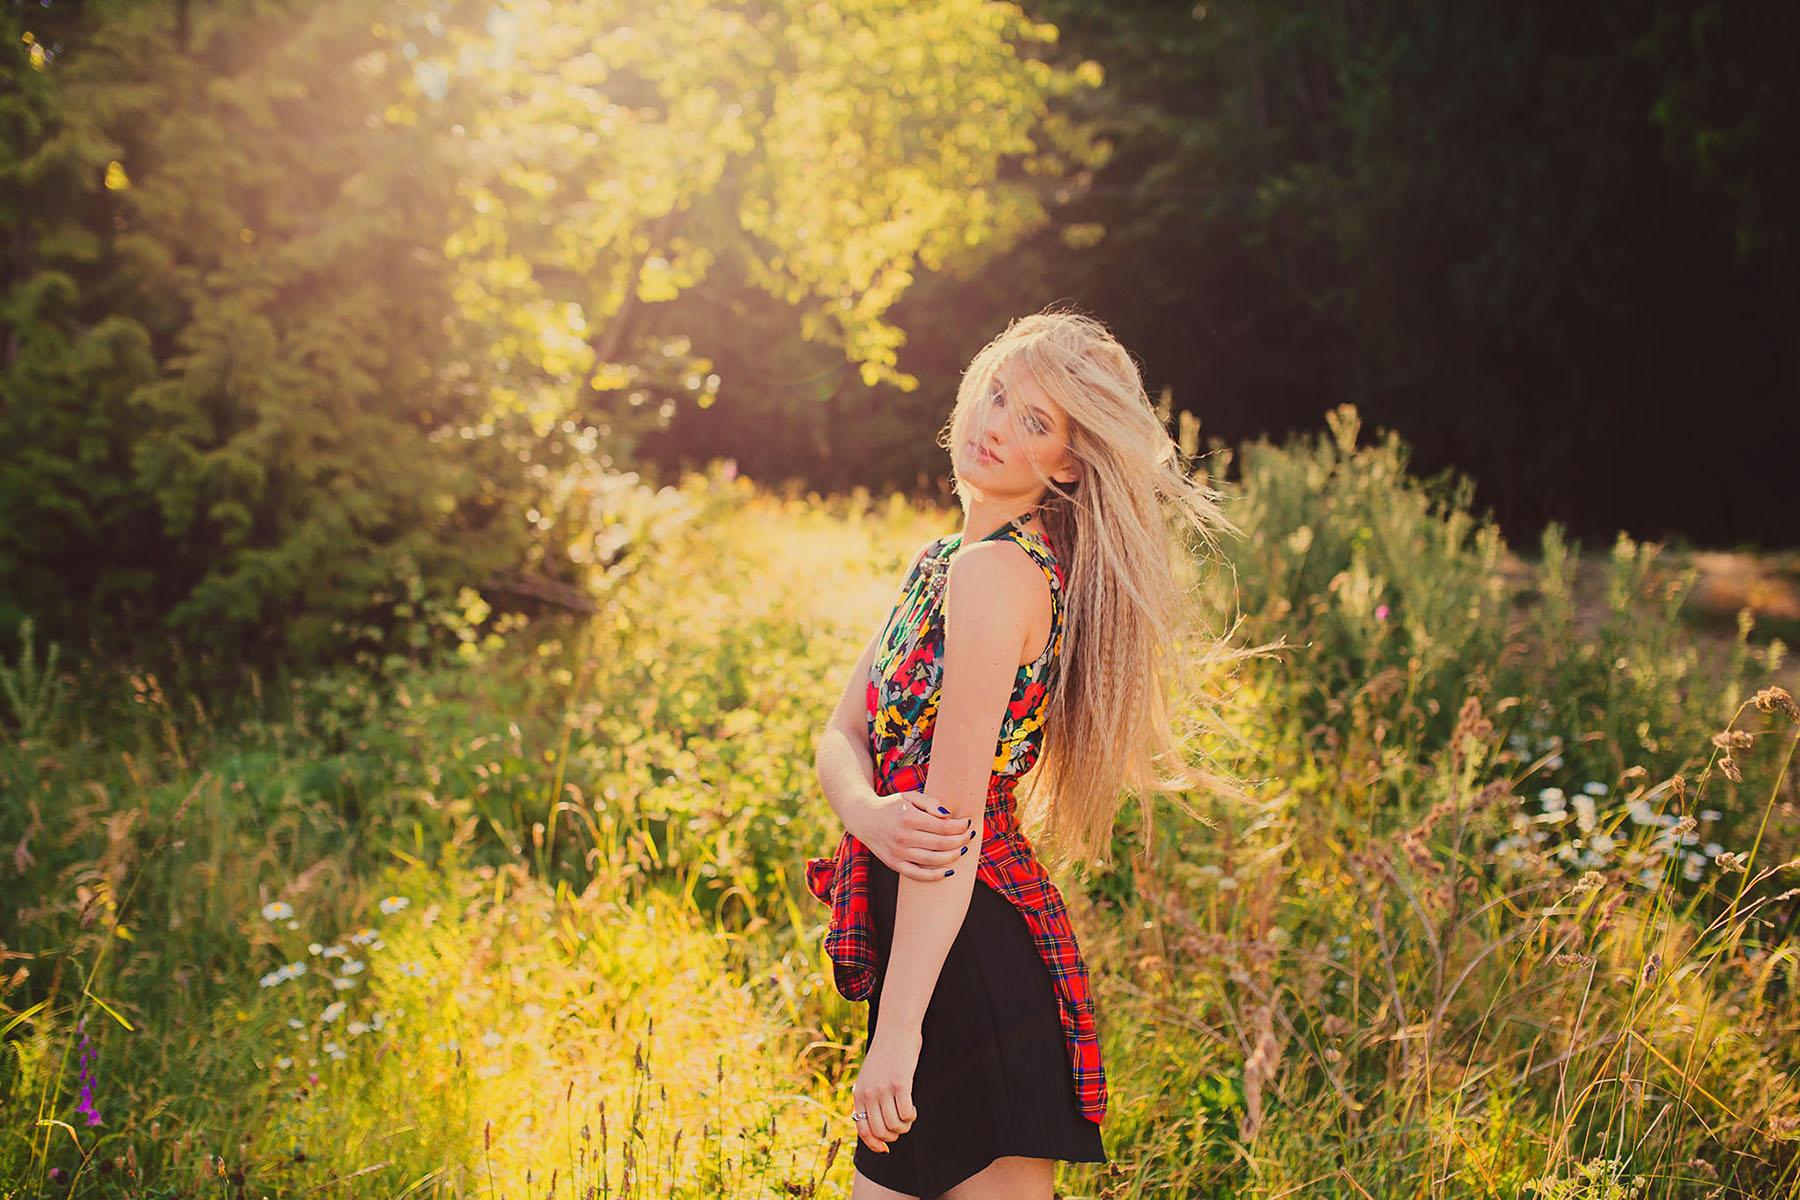 adhesif clothing photo shoot eco fashion sunshine coast bc portrait photographer